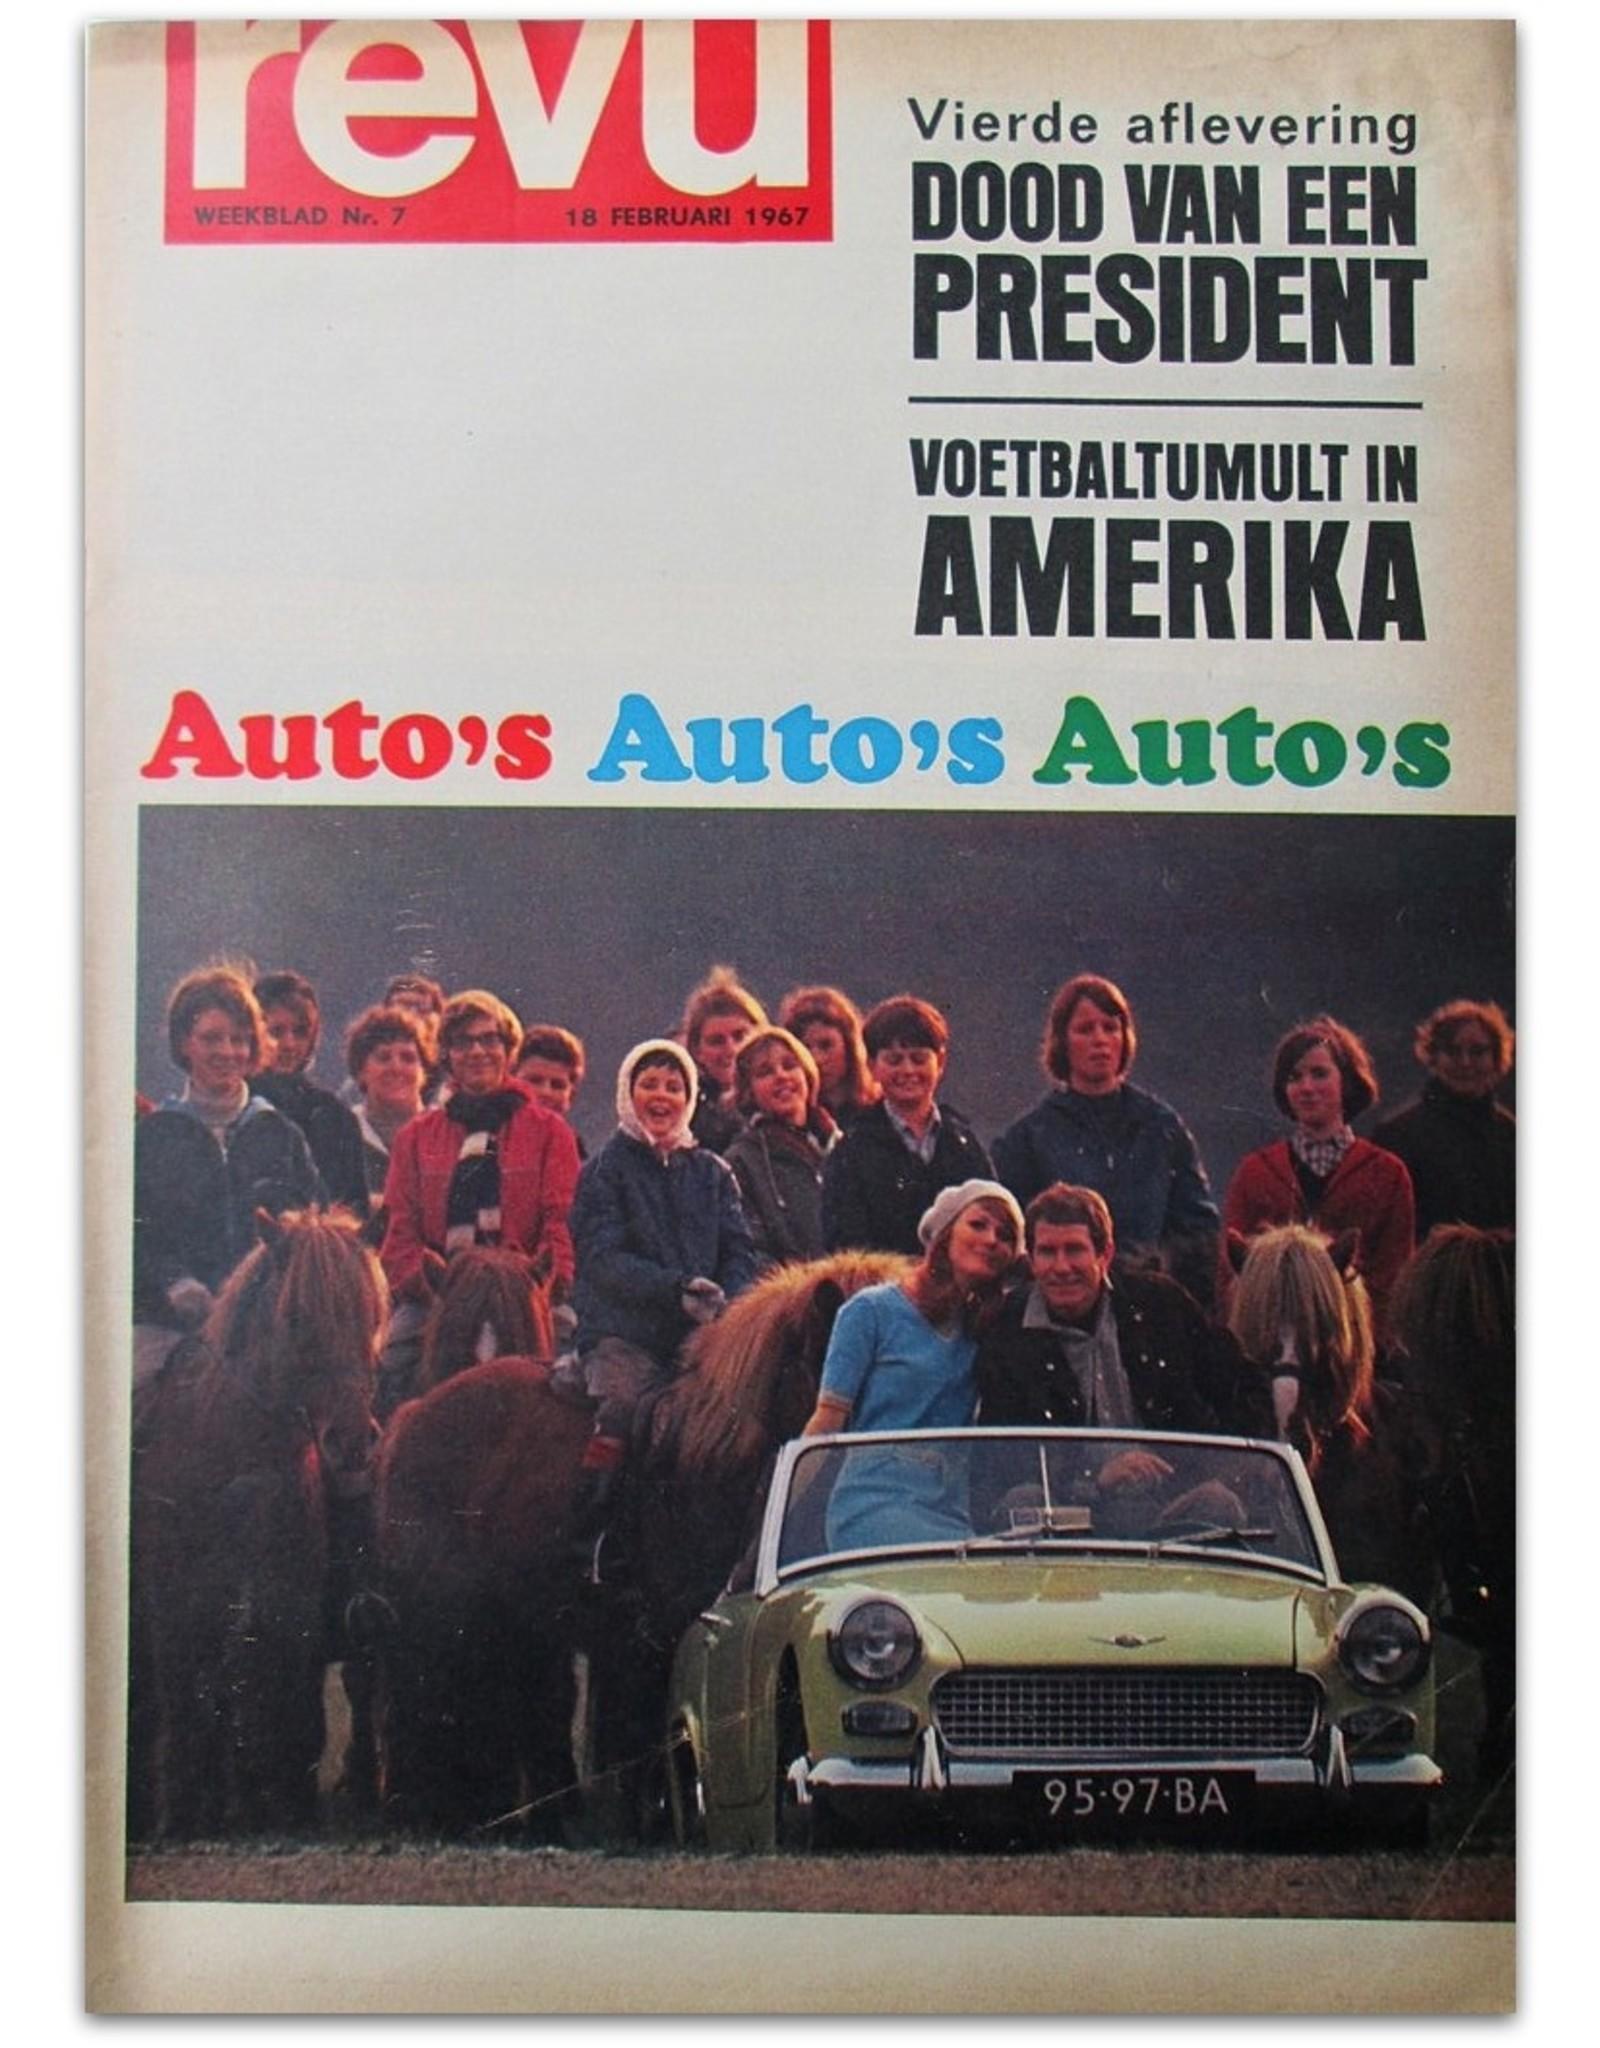 Ed van der Elsken - Auto's Auto's Auto's [reportage in: Revu. Weekblad Nr. 7 - Februari 1967]